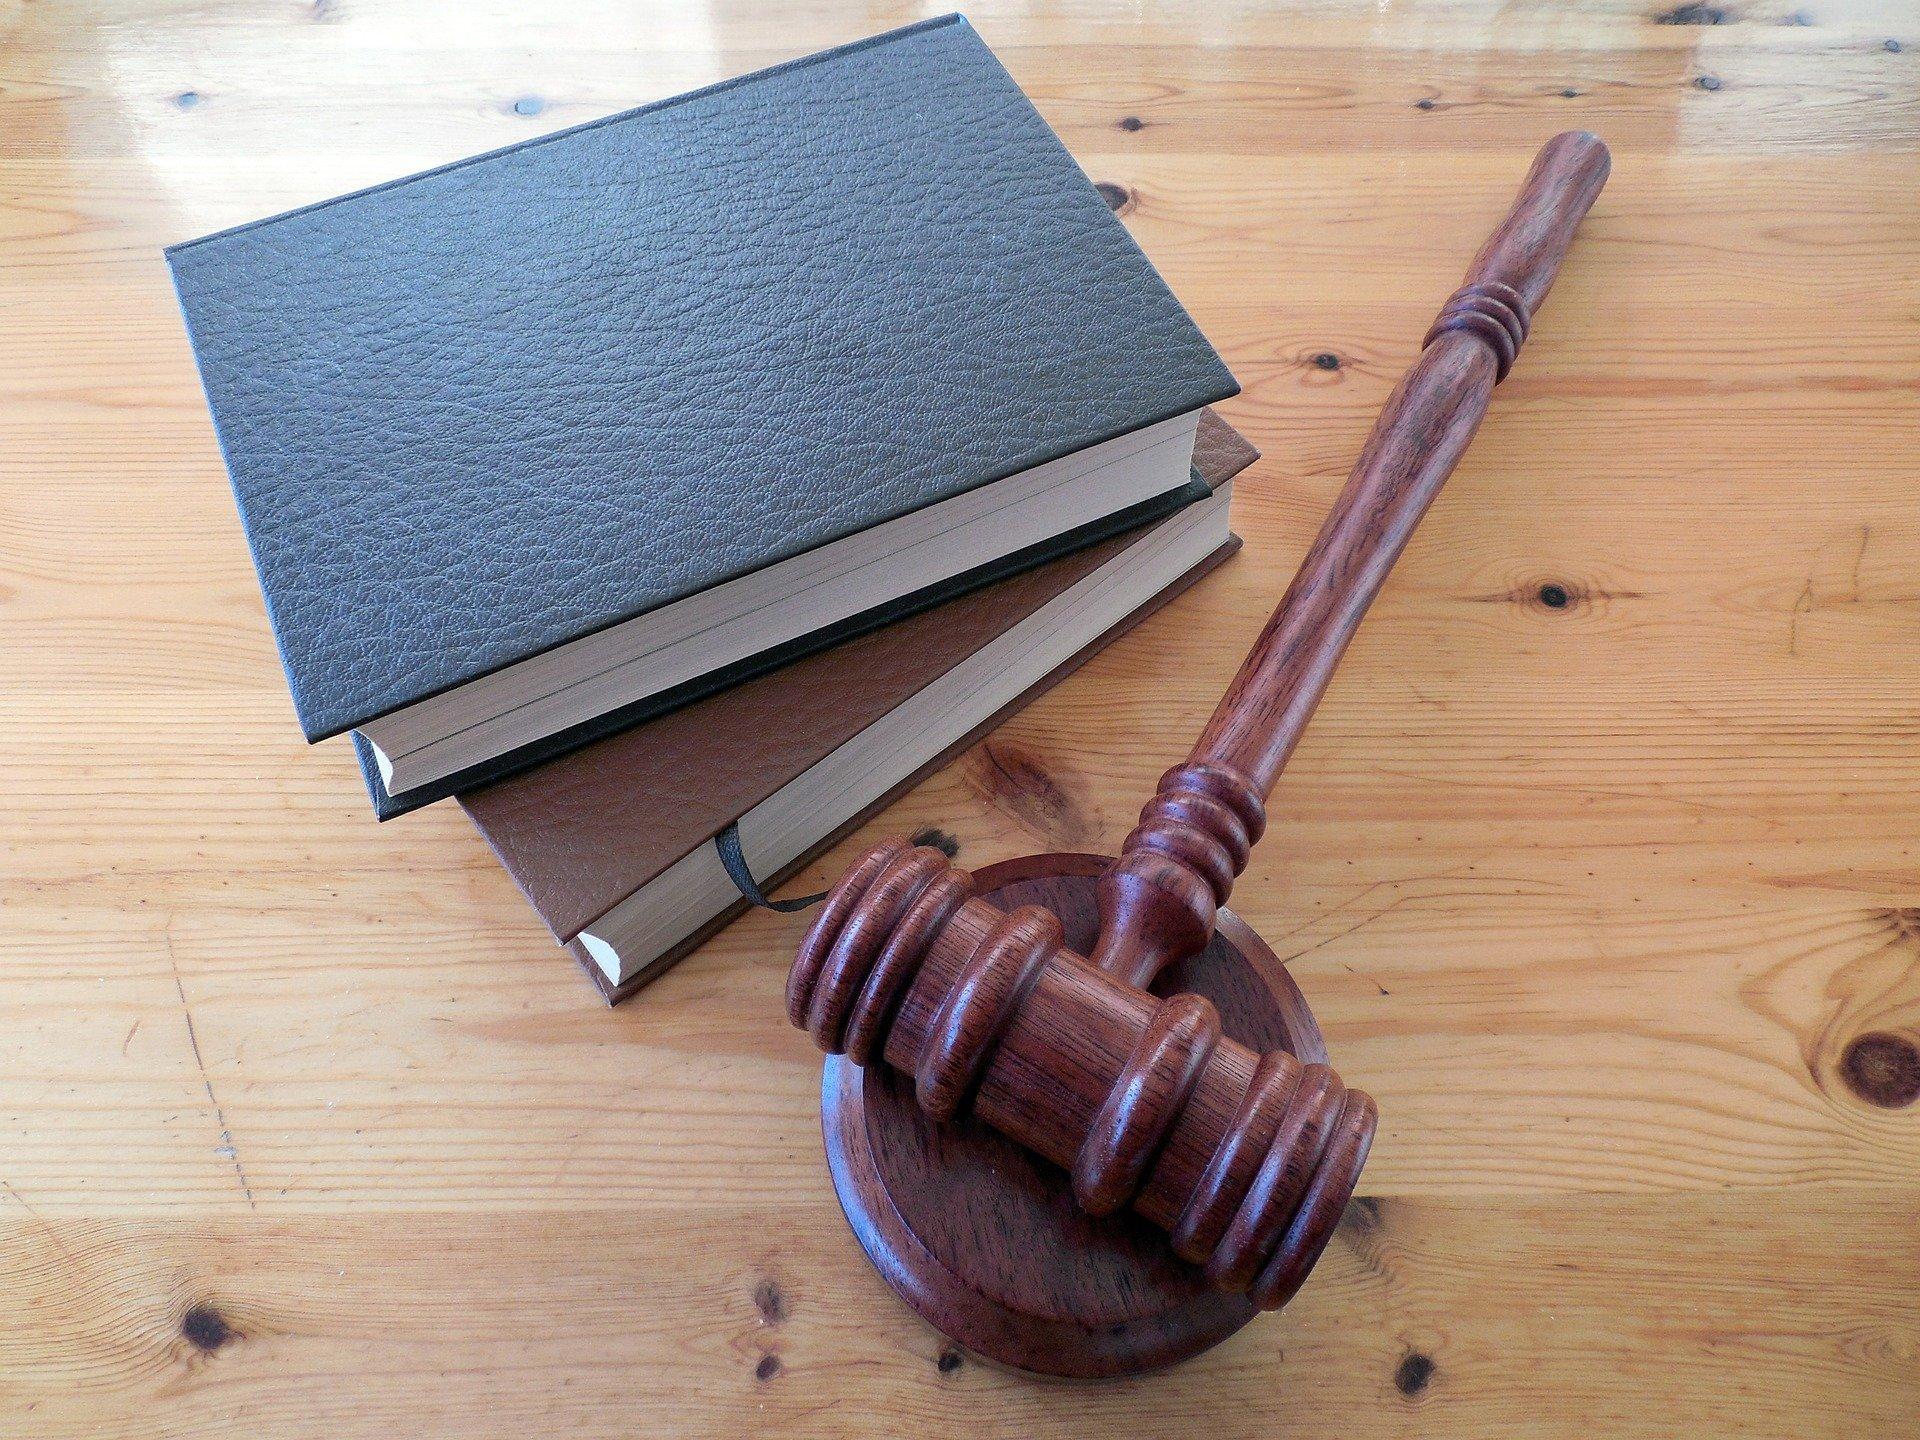 Des articles traitant la thématique du monde juridique pour une étude notariale